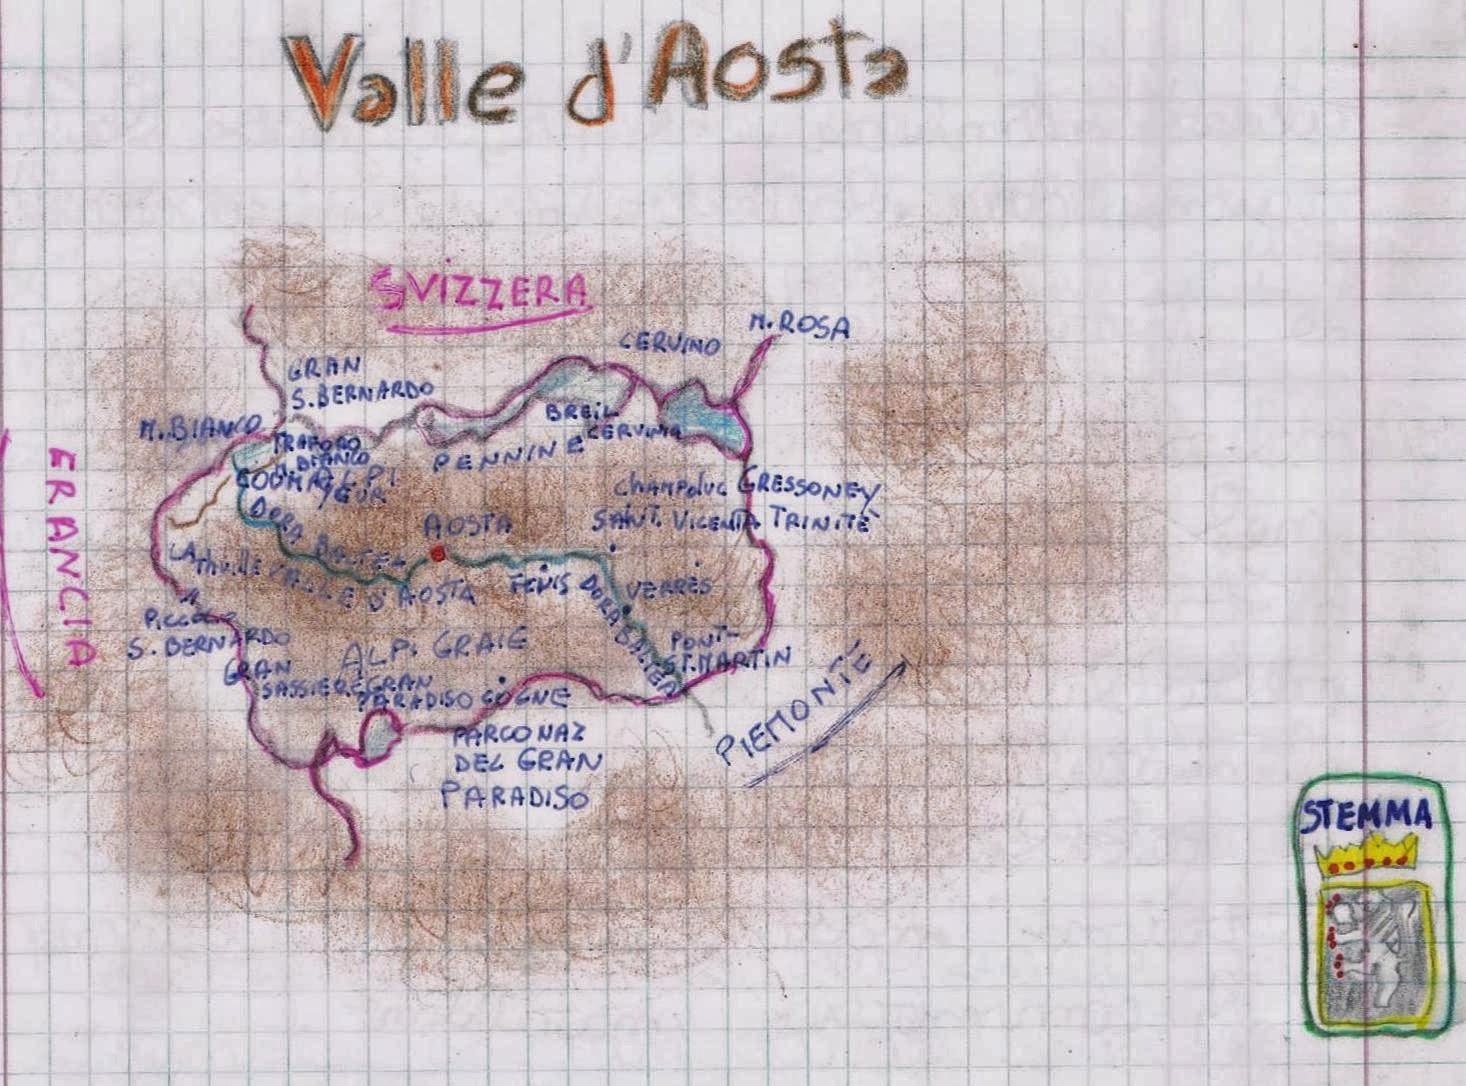 Cartina Della Valle D Aosta Da Stampare.Geografia Le Regioni D Italia La Valle D Aosta Spiegazioni E Prova Di Verifica Per La Classe Quinta Della Scuola Primaria